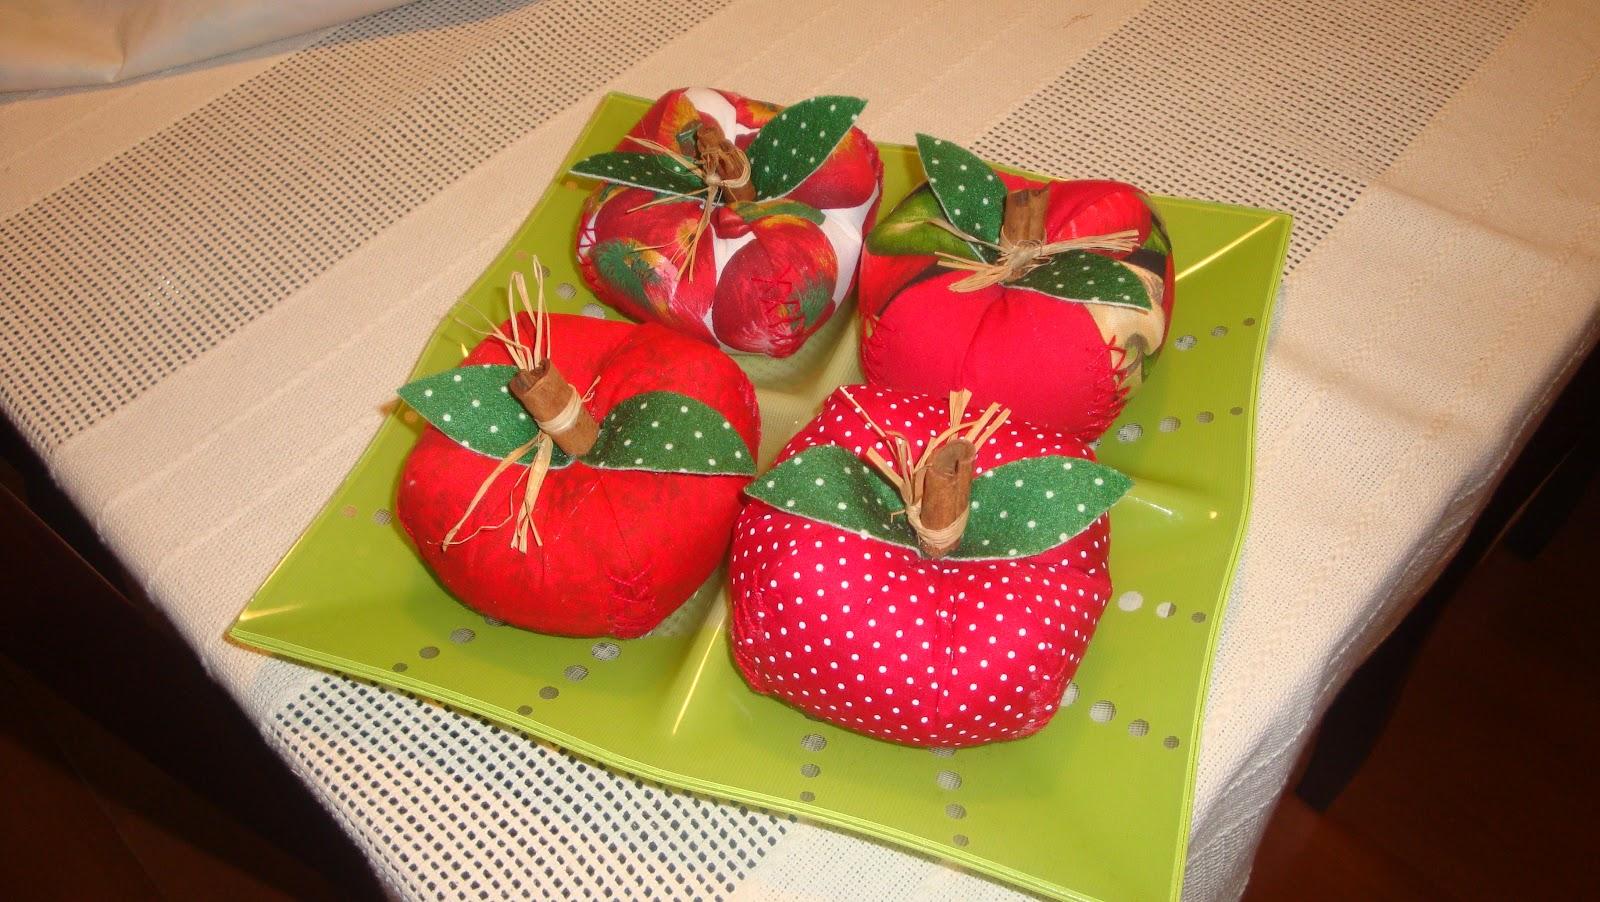 decoracao cozinha e copa : decoracao cozinha e copa: copa ou cozinha, ou se preferir, decorar aquele cantinho especial de